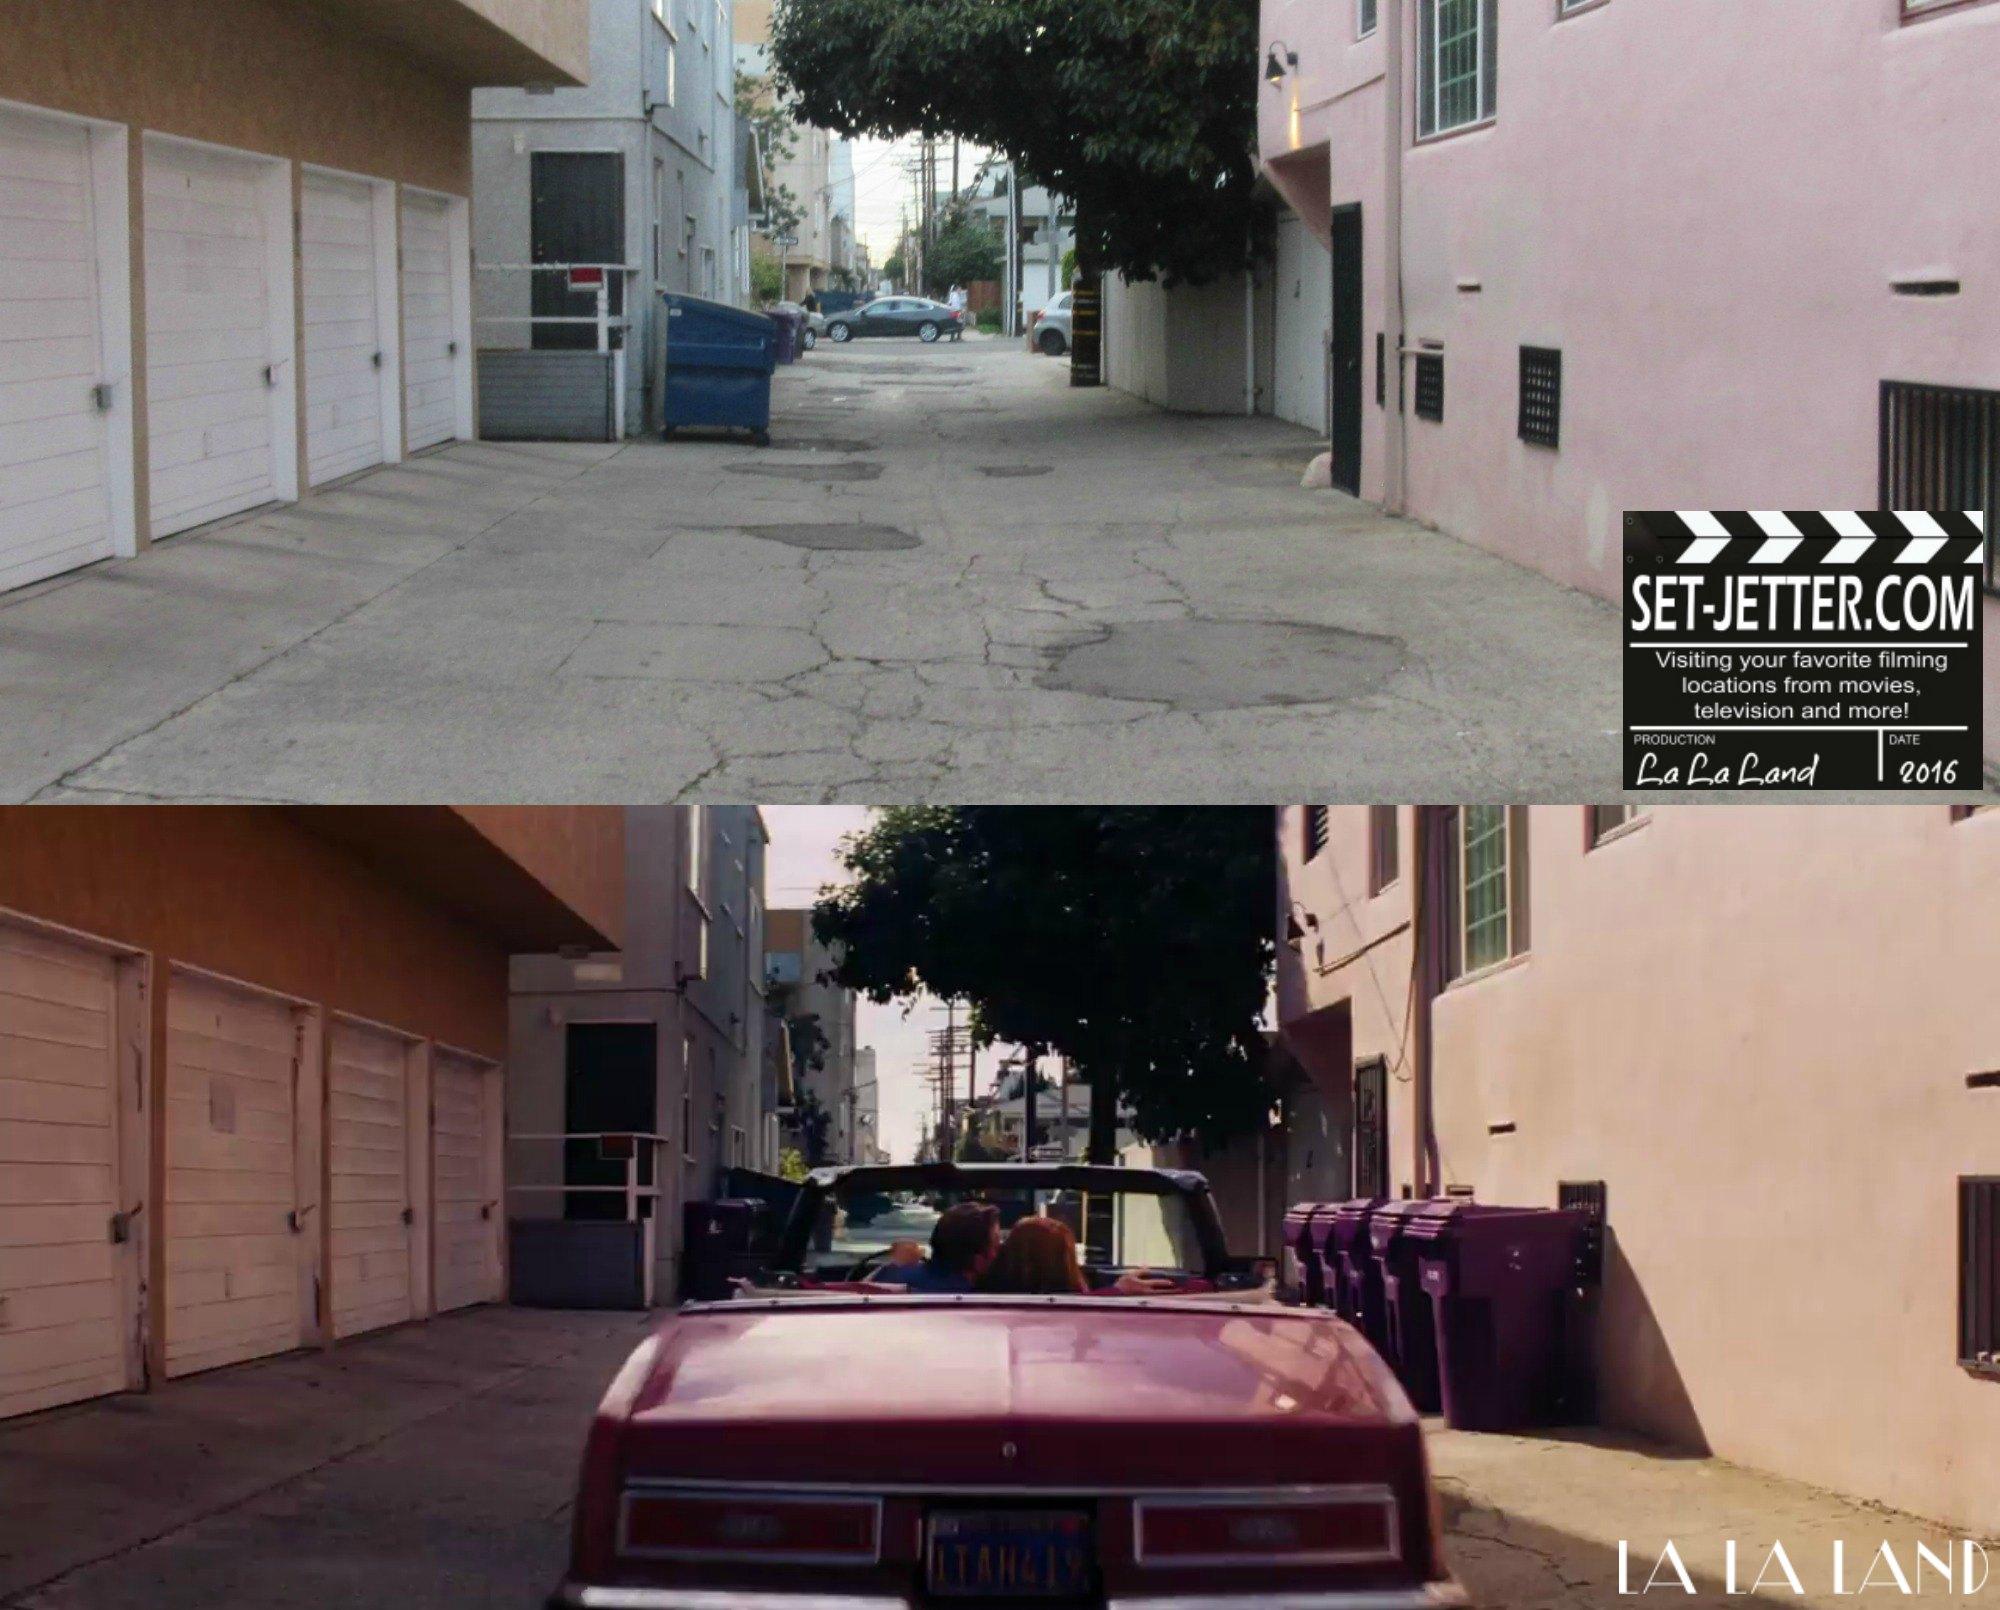 La La Land comparison 68.jpg